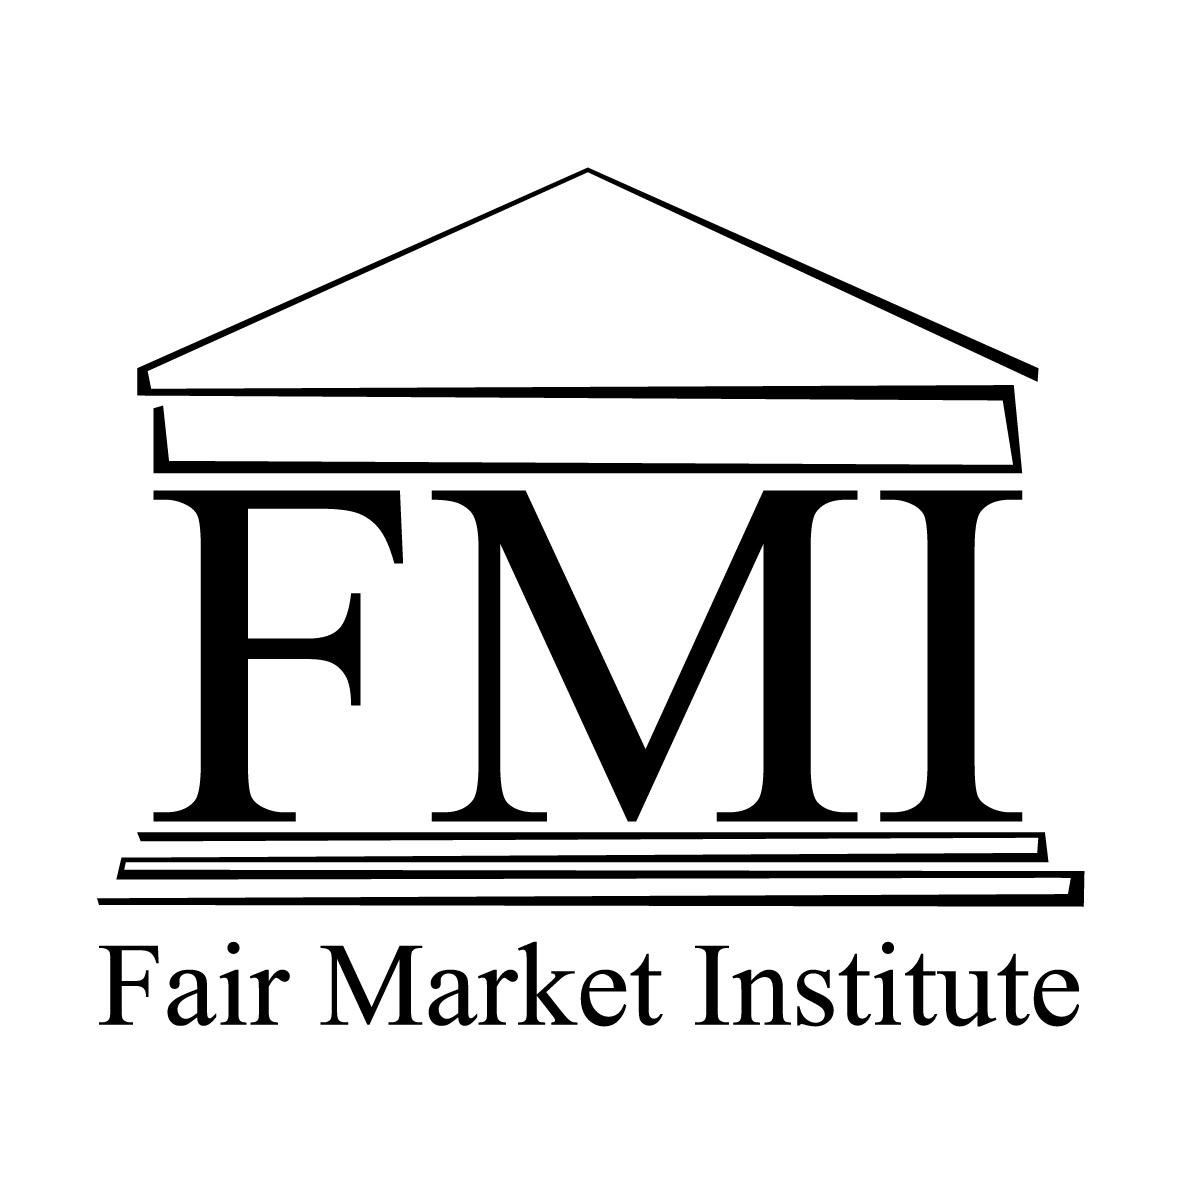 Fair Market Institute